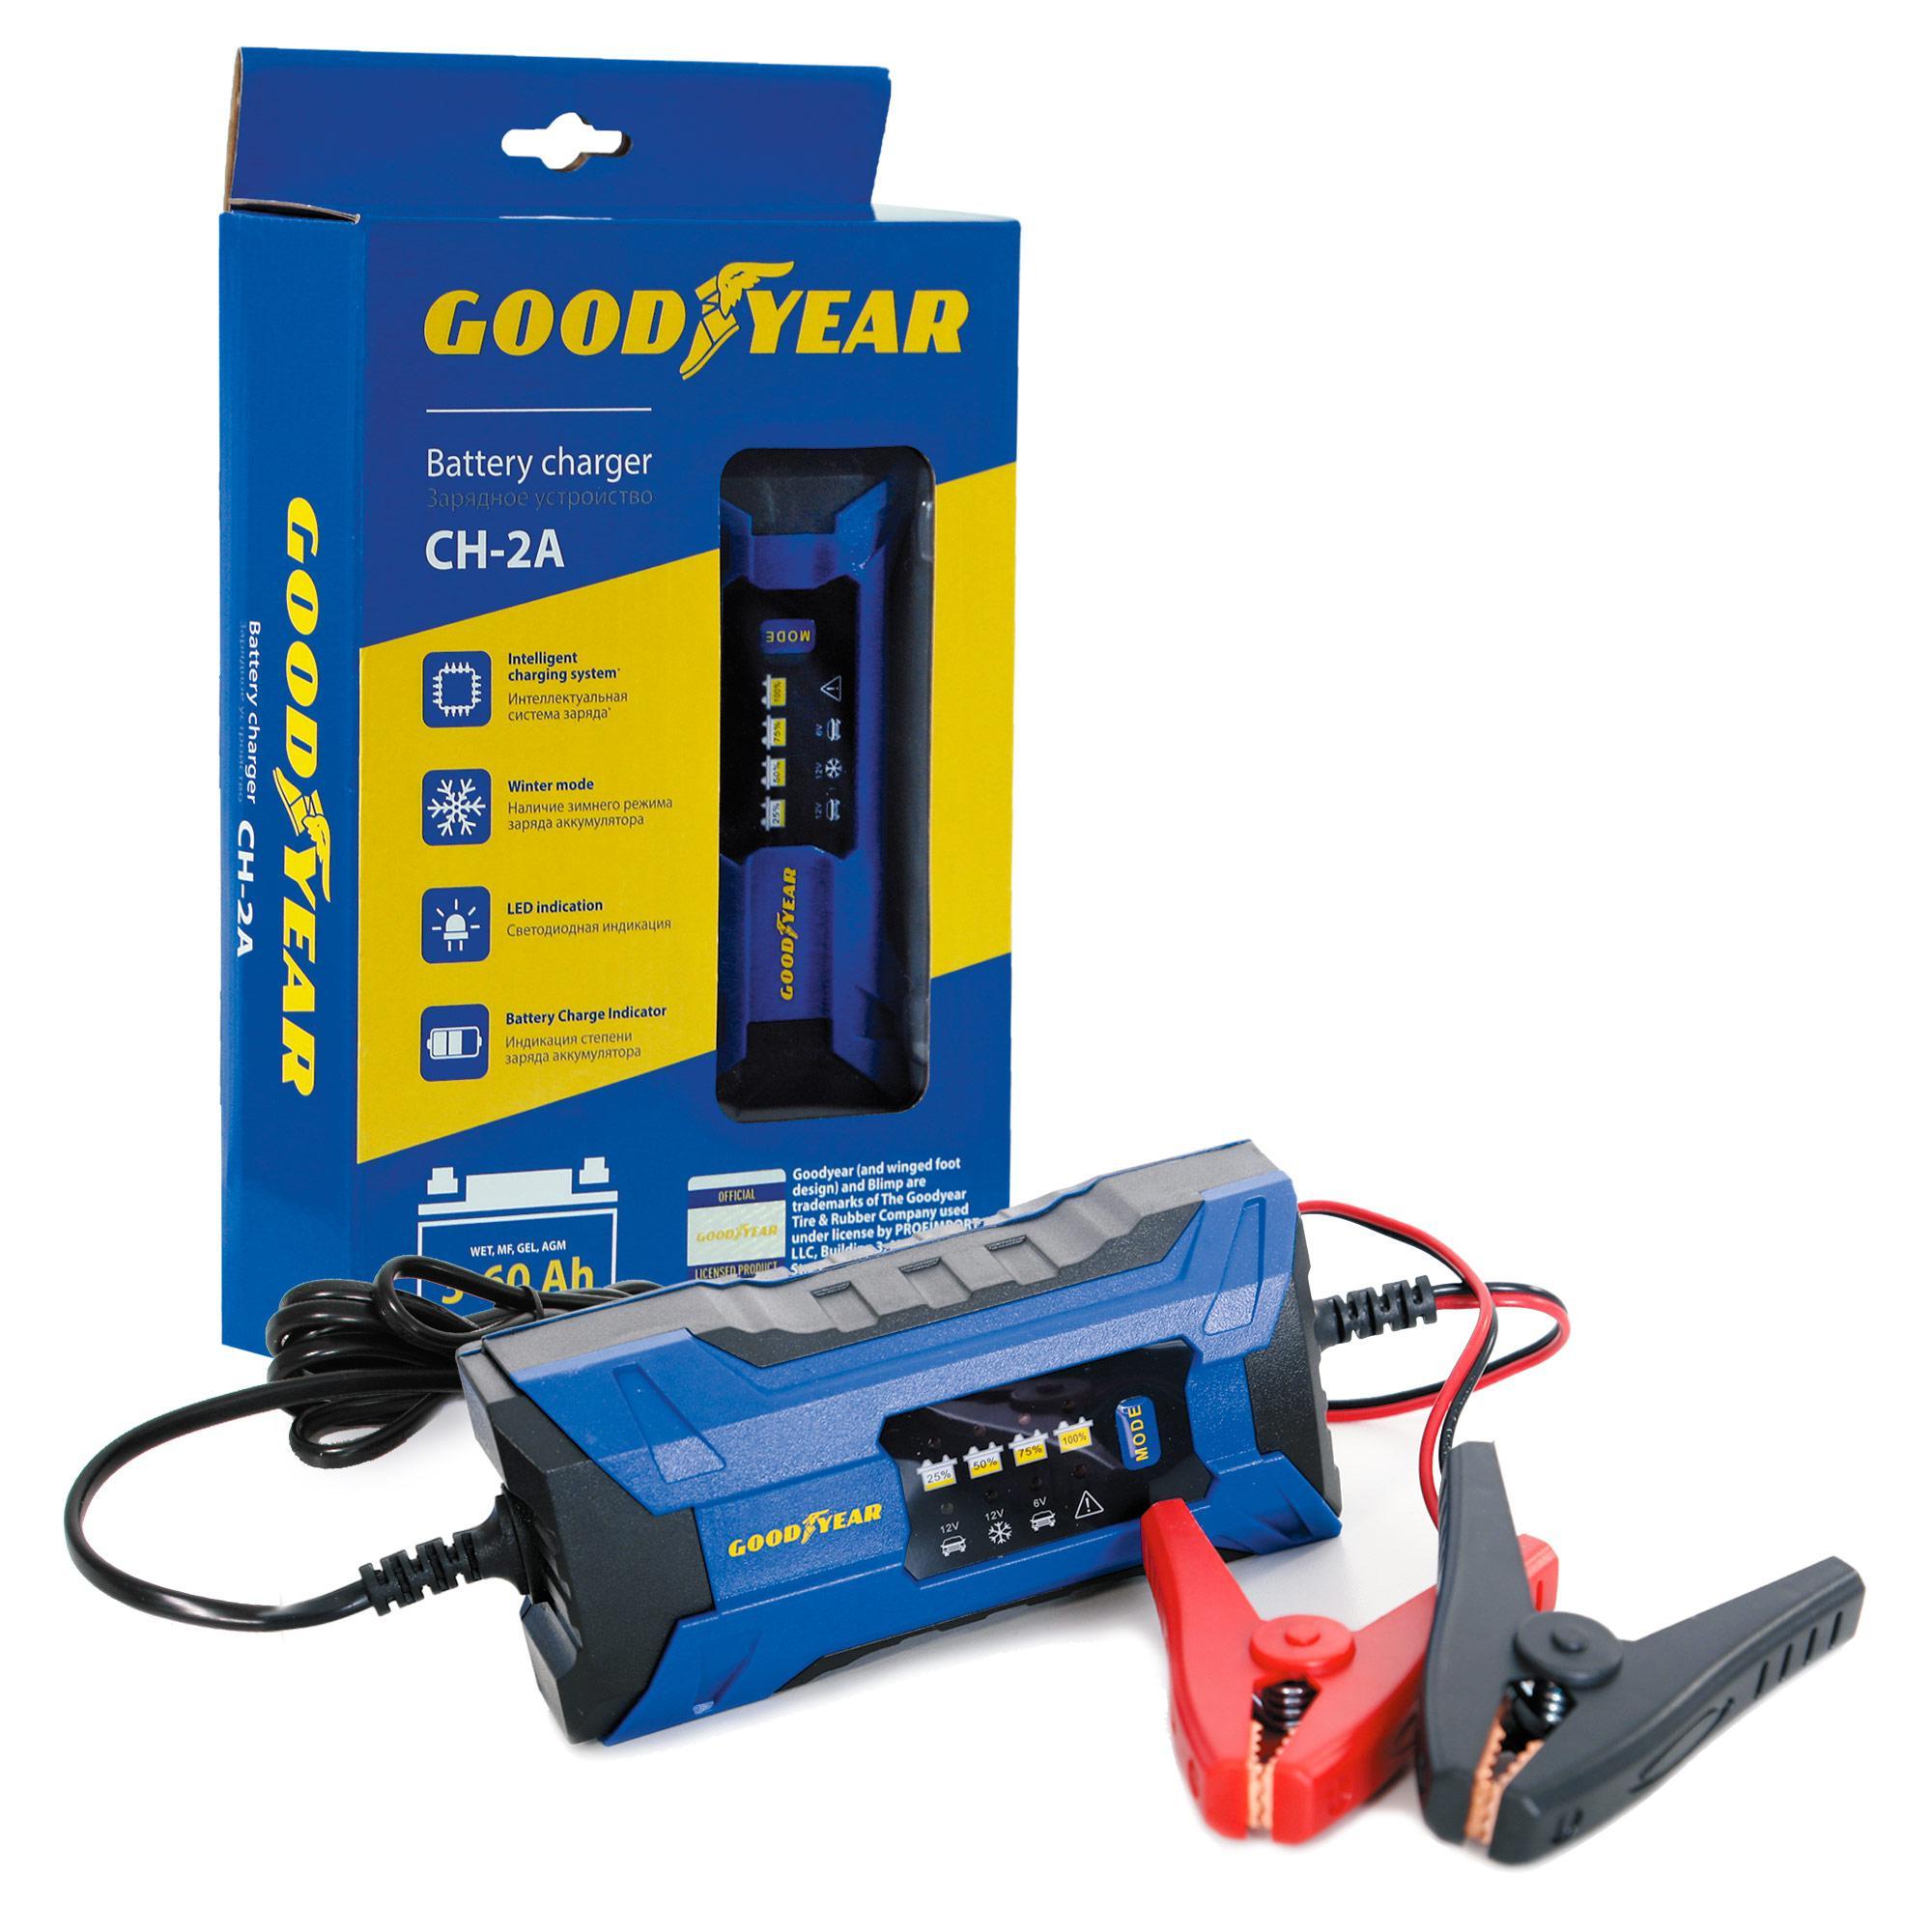 Зарядное устройство Goodyear Gy003000 зарядное устройство 6 вольт для аккумулятора в томске